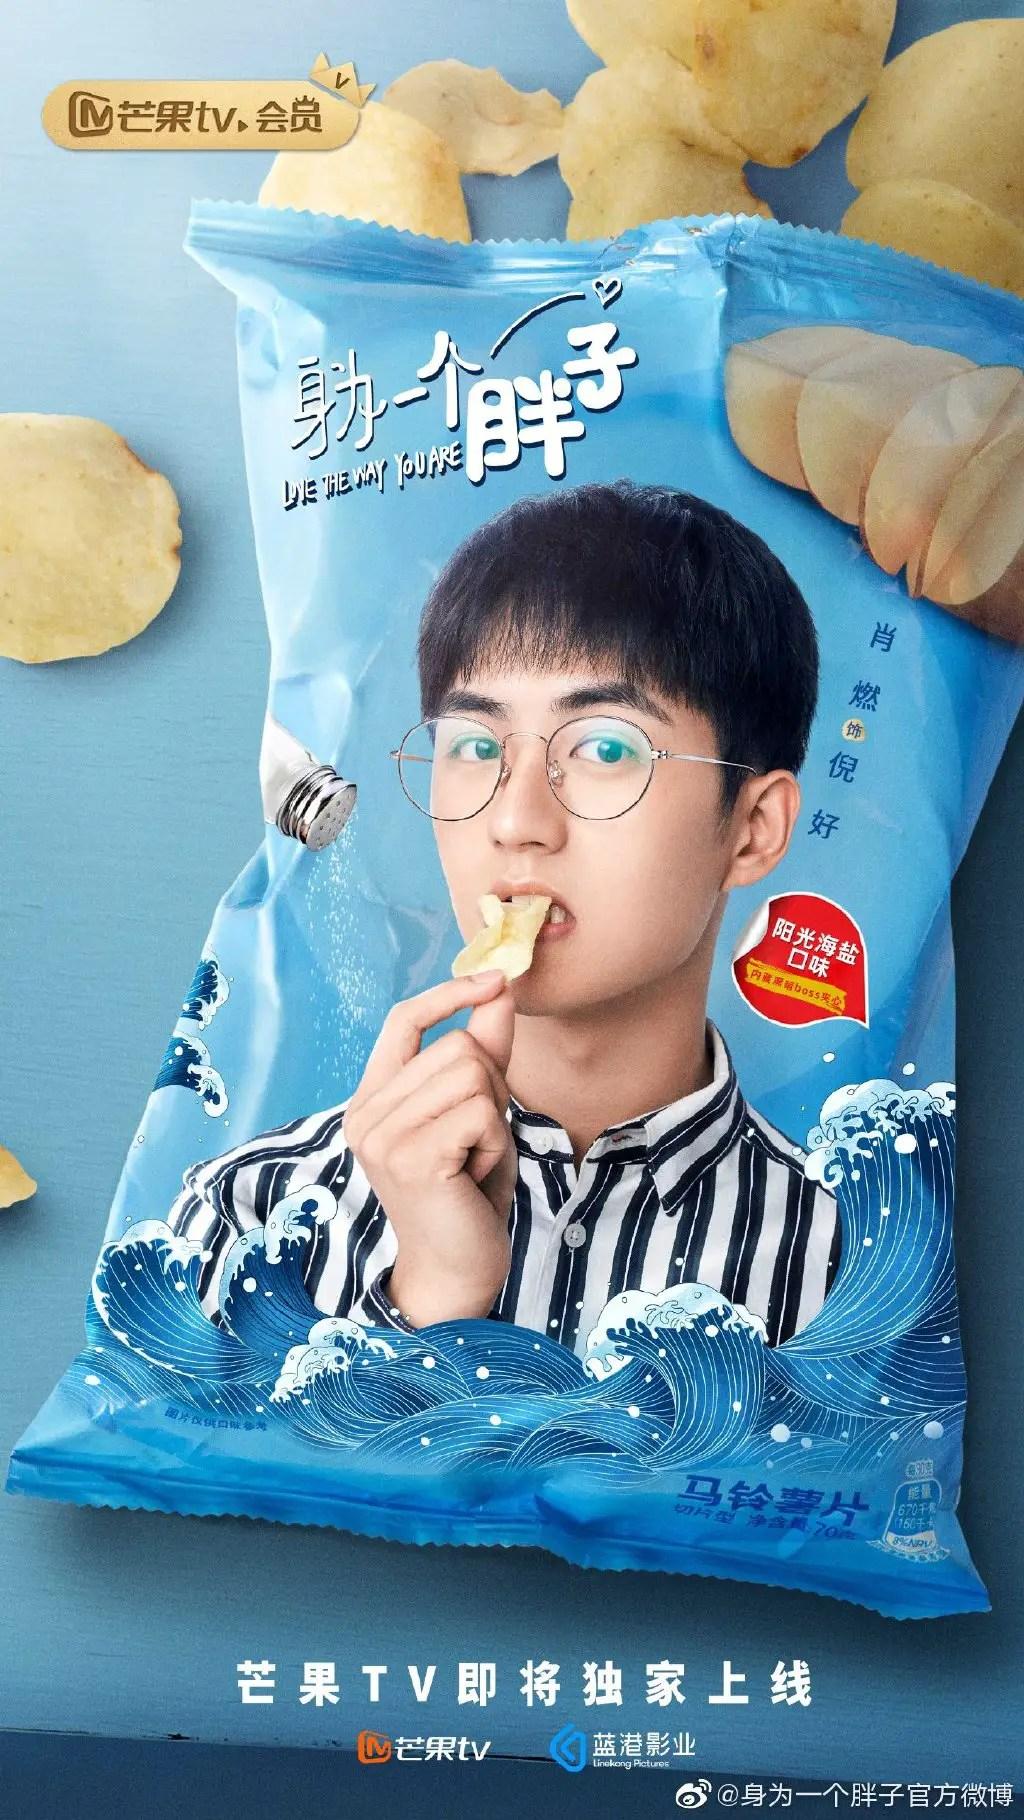 Xiao Ran